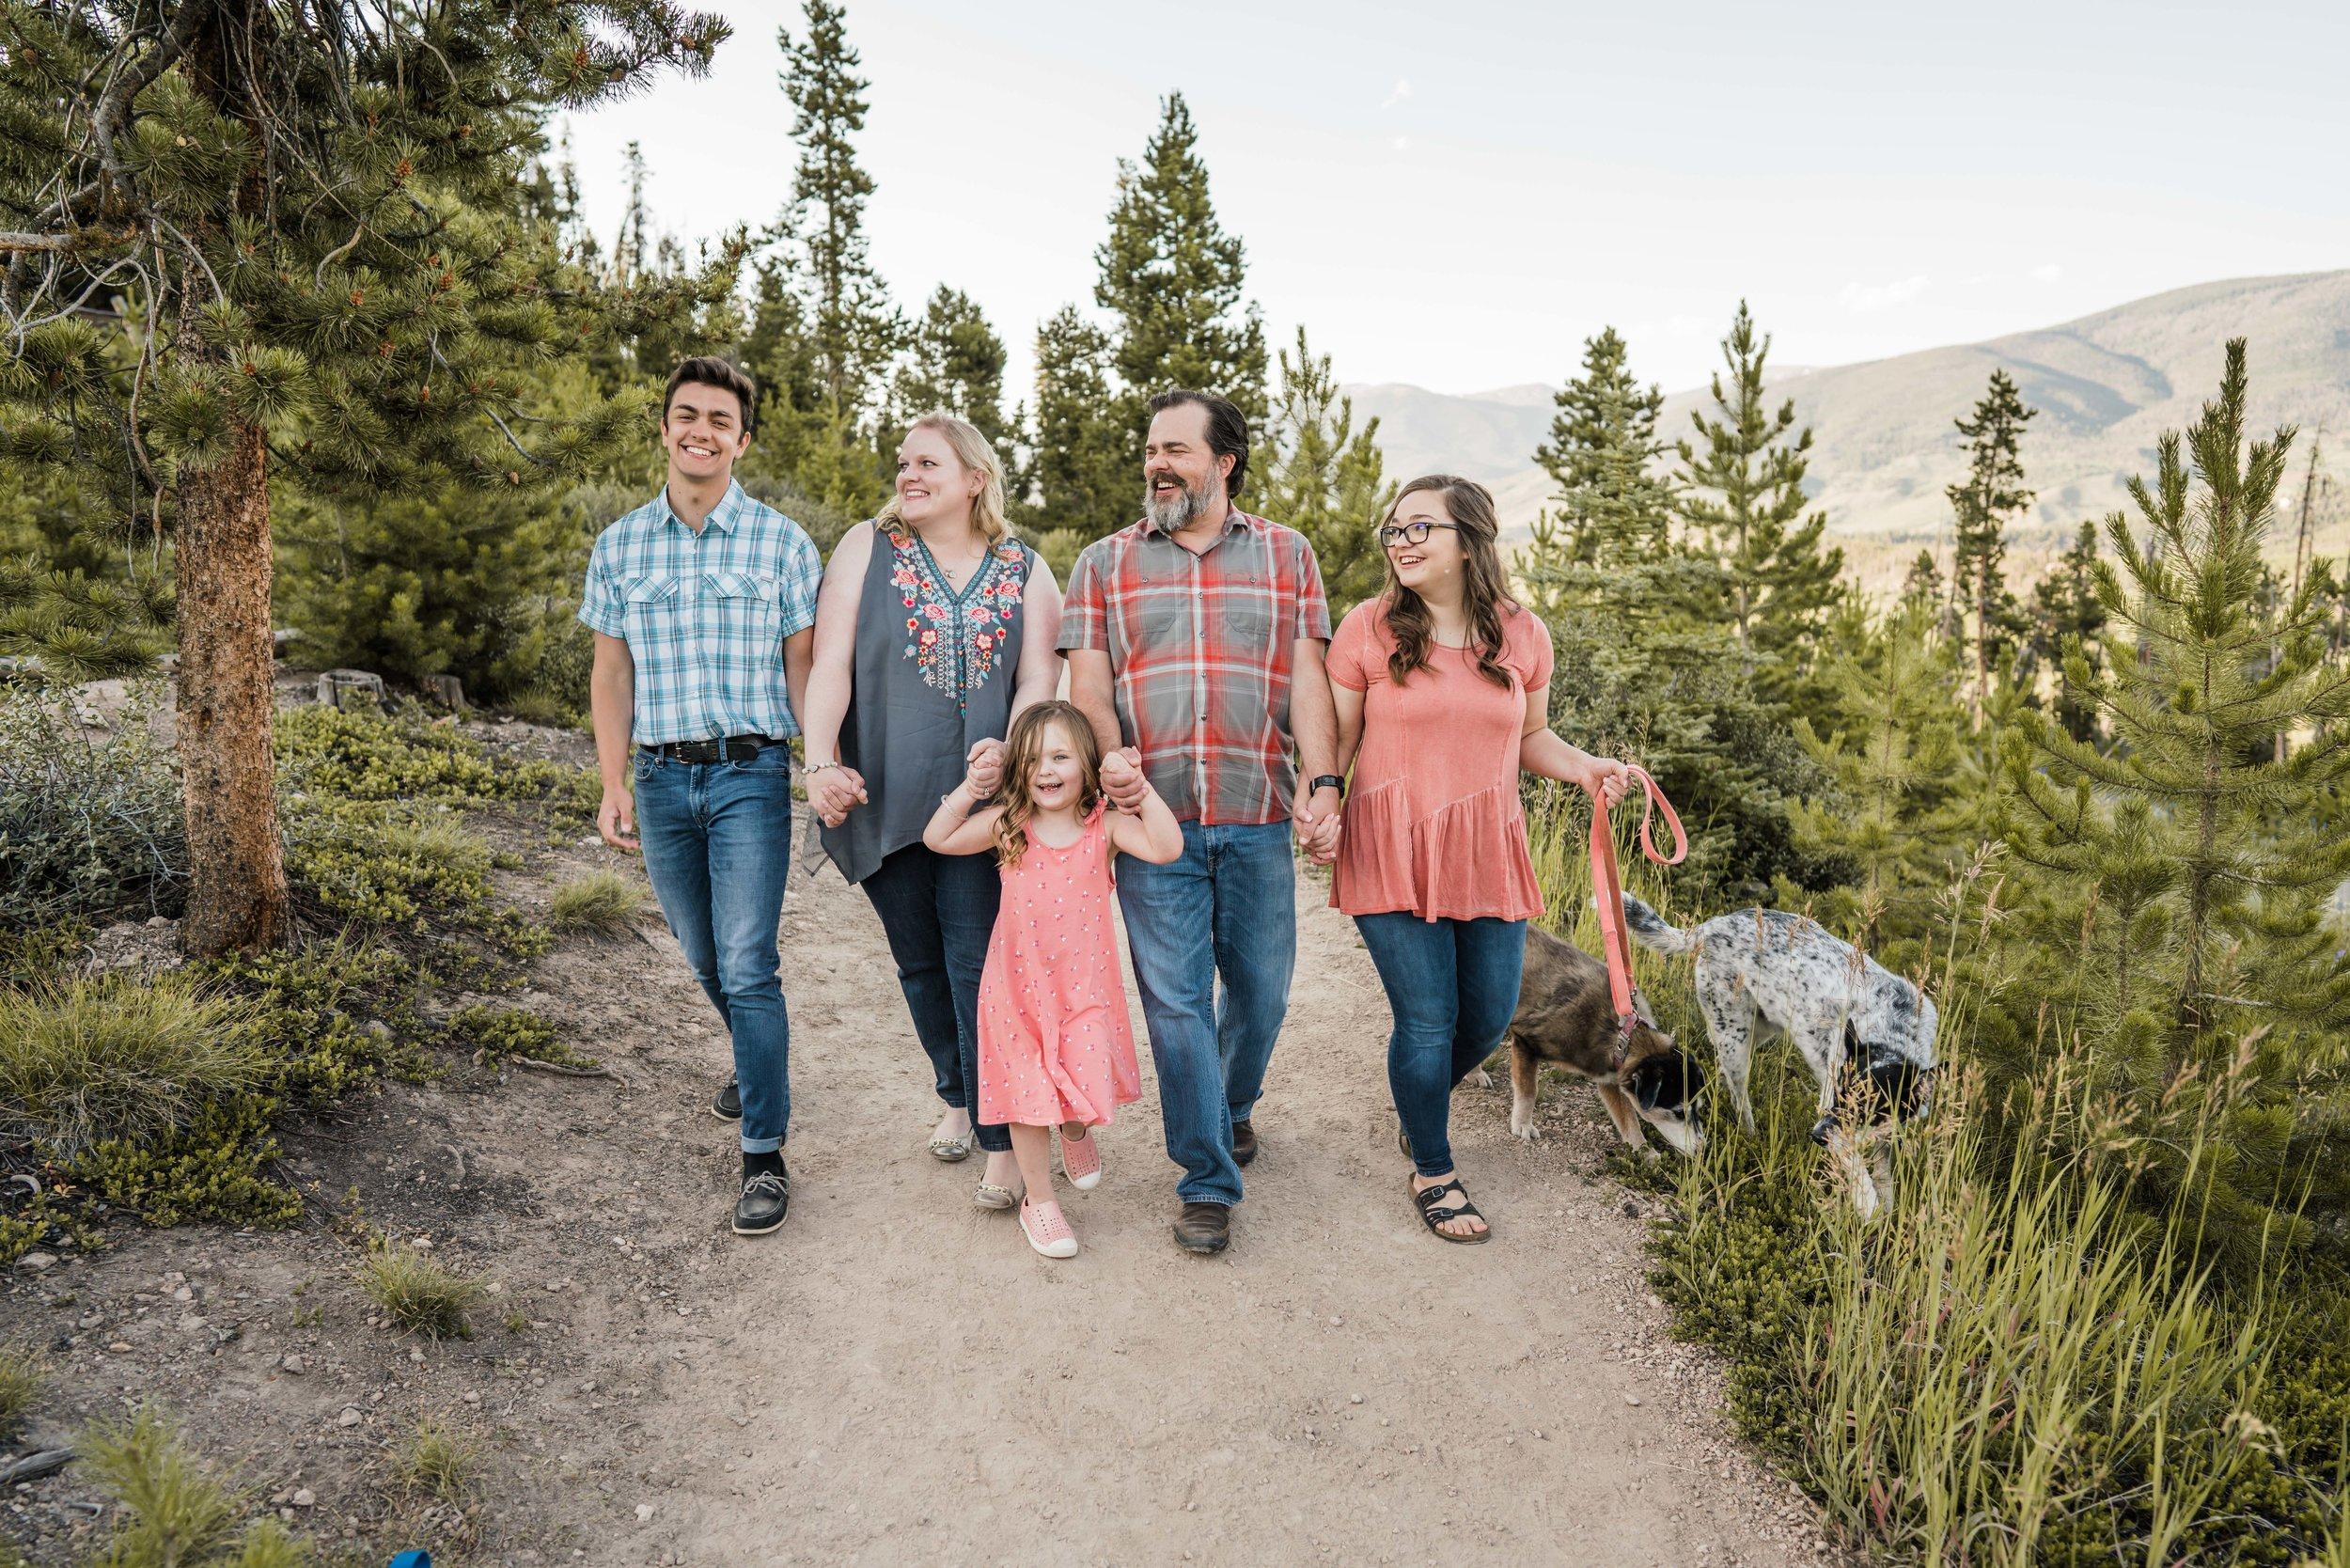 denver-family-photographer-in-breckenridge-mountains-DSC03510.jpg